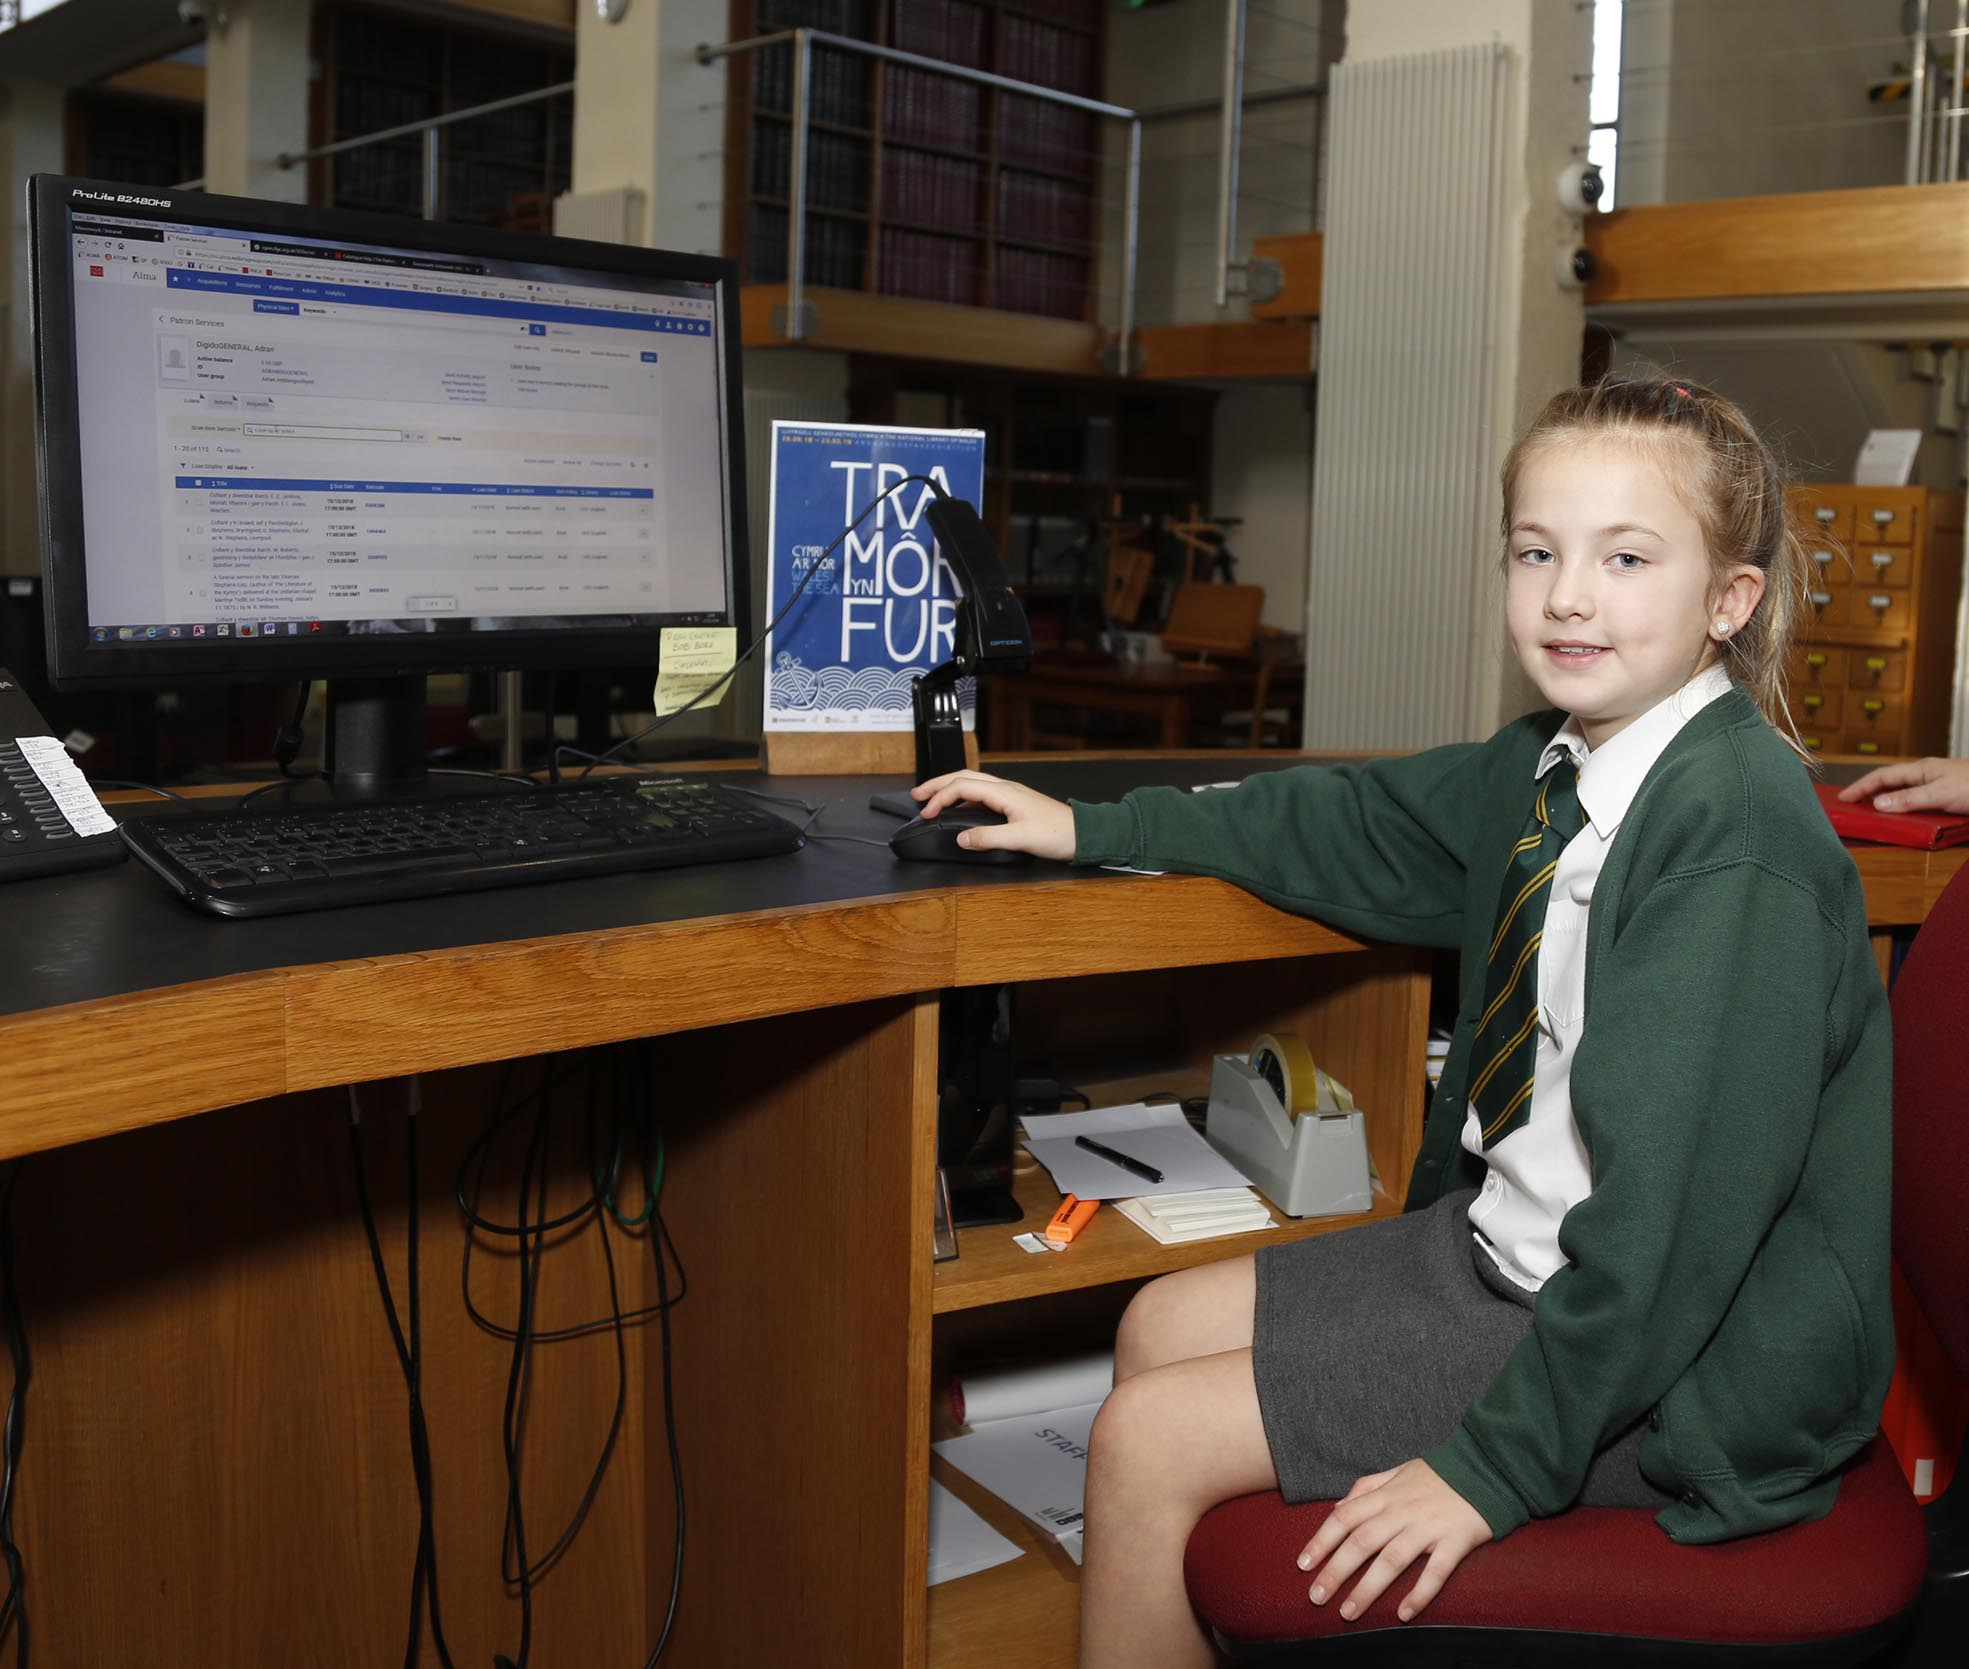 Girl sitting at computer